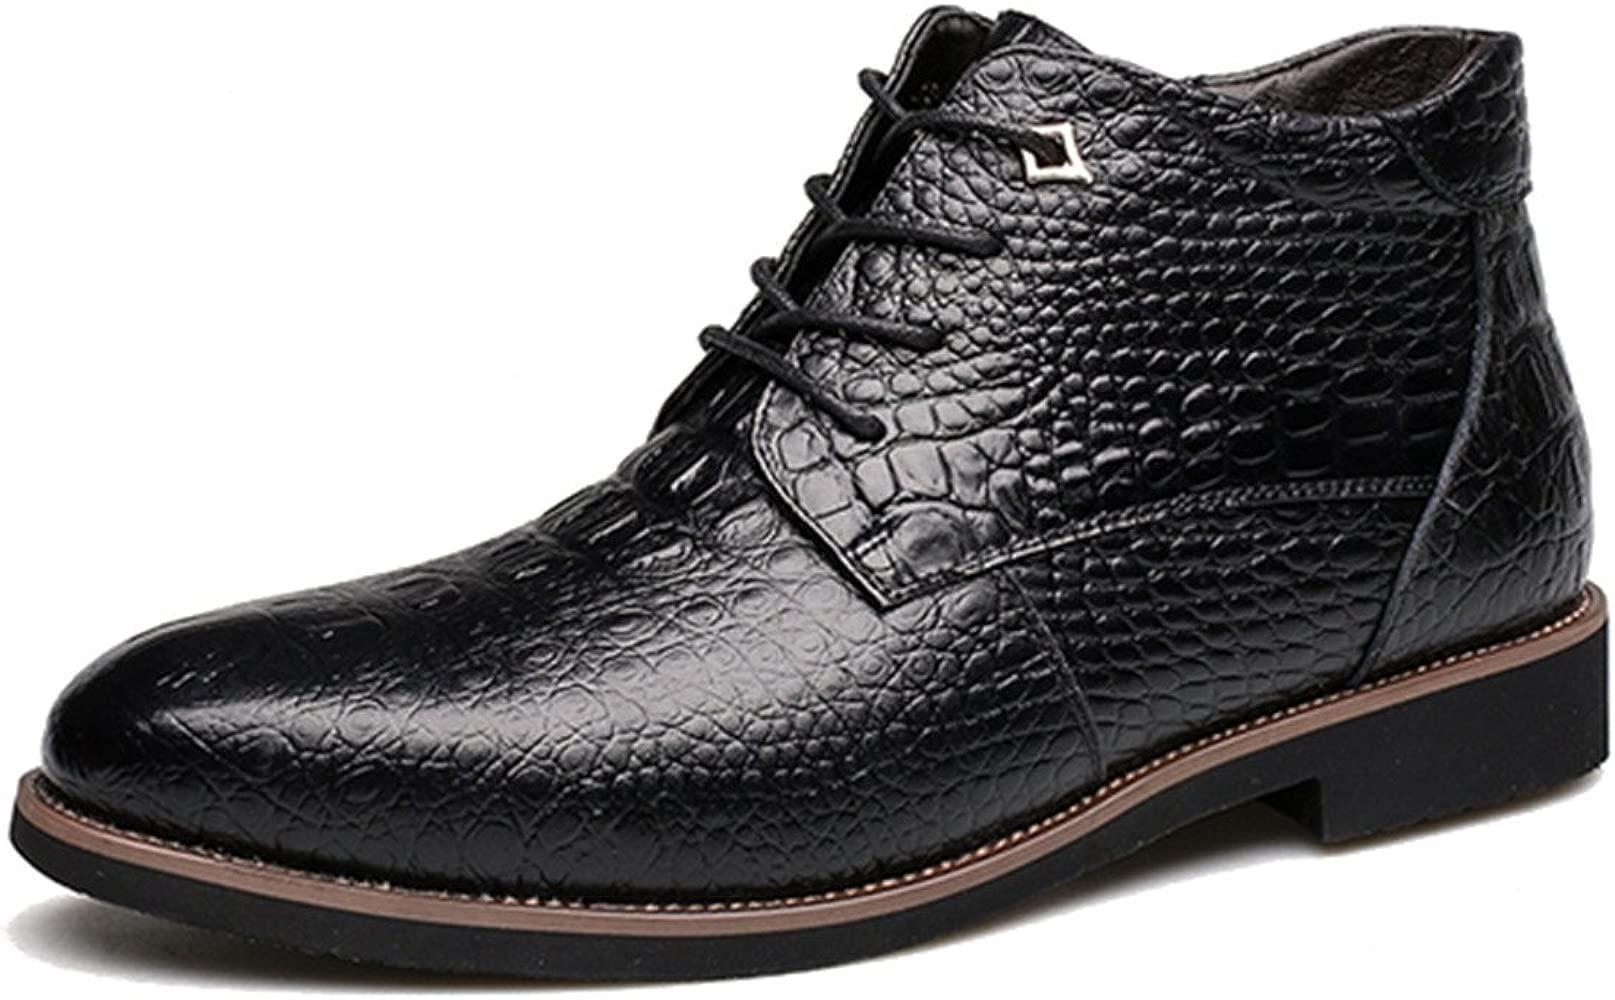 Botas de Cuero de los Hombres, gracosy Hombres Calzados Oxford Zapatos De Capucha Patrón Cocodrilo Botas Martin Estilo Británico Casual Clásico Cuero